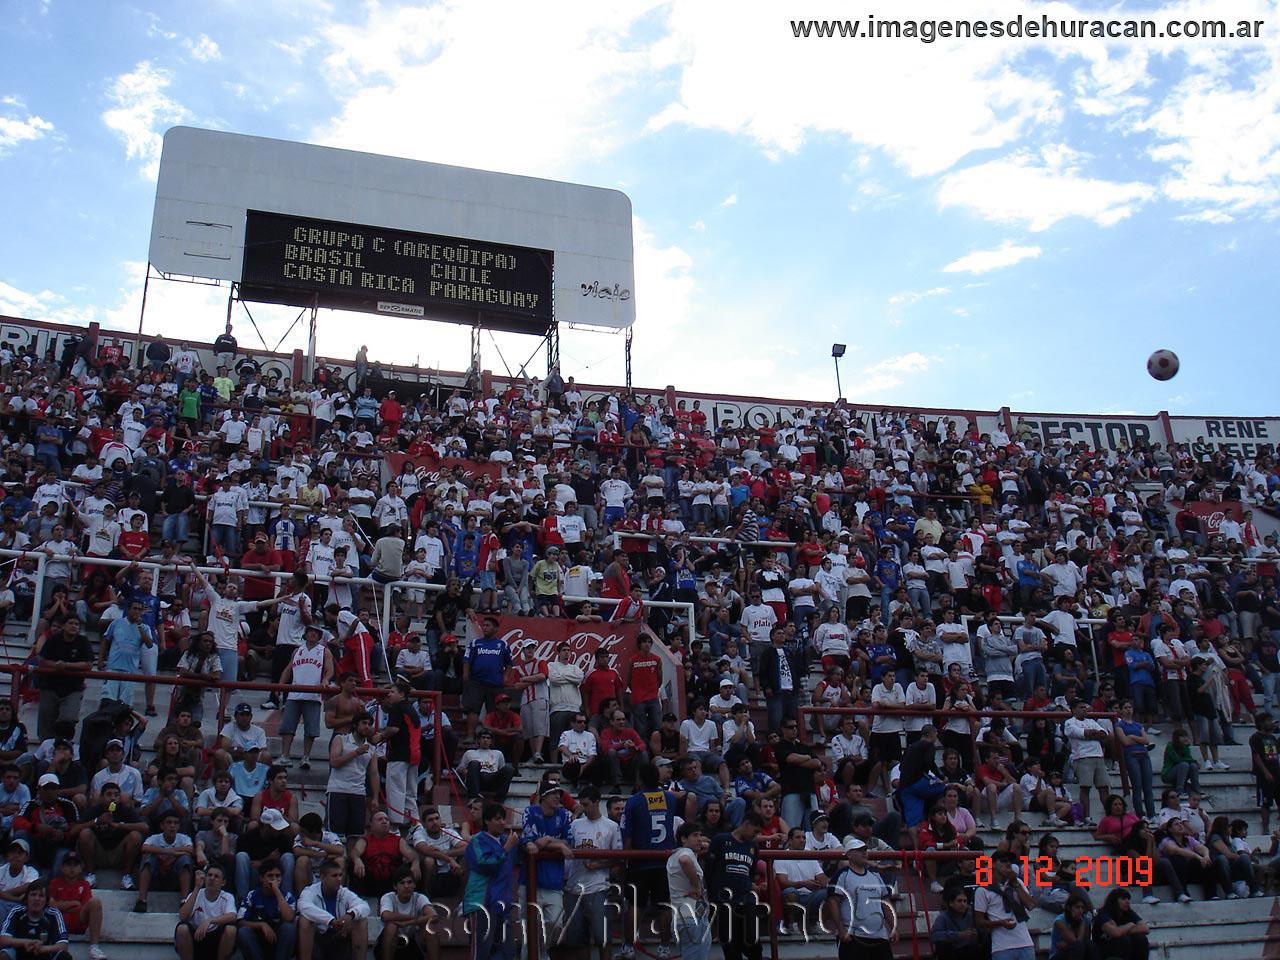 Huracán vs boca juniors fecha 18 apertura 2009